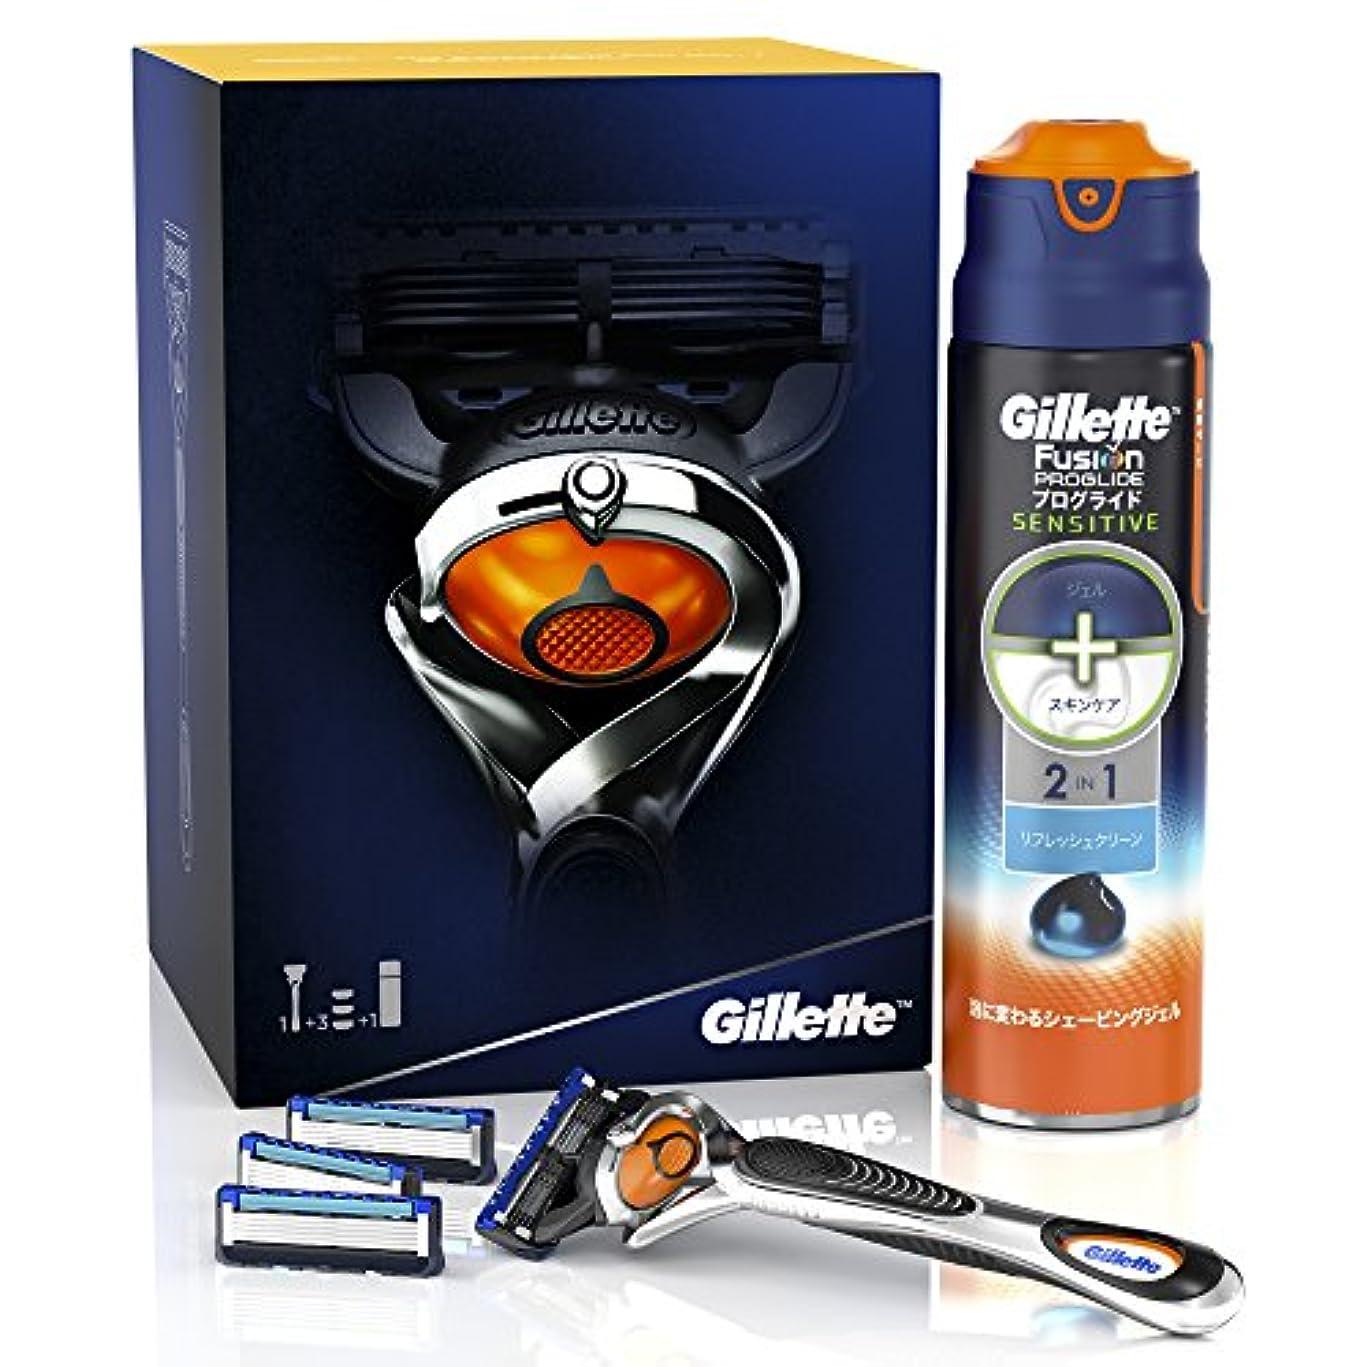 インゲン消化器高めるジレット 髭剃りプログライドギフトセット (マニュアルホルダー+ 替刃3個 + ジェルフォーム リフレッシュクリーン 168g)